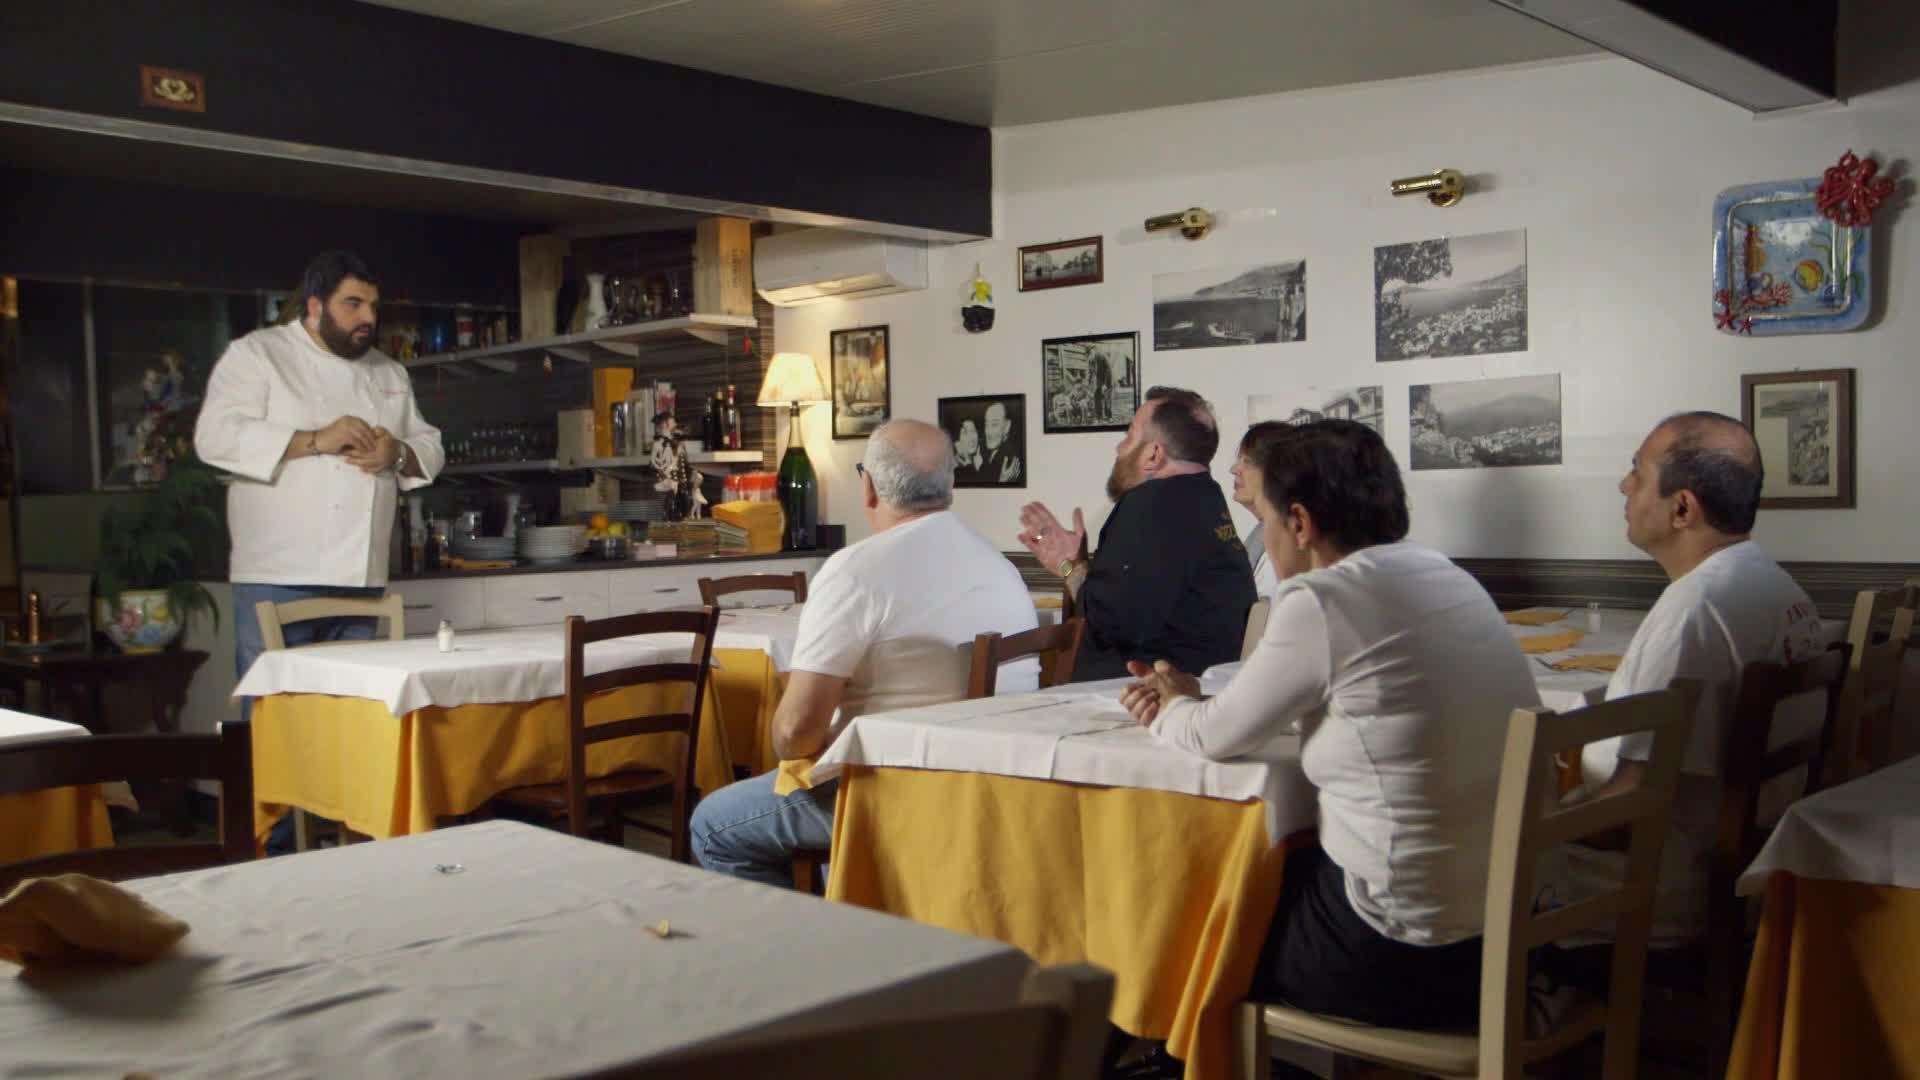 Cucine da incubo italia antonino cannavacciuolo a milano con enzo miccio dplay - Cucine da incubo cannavacciuolo ...